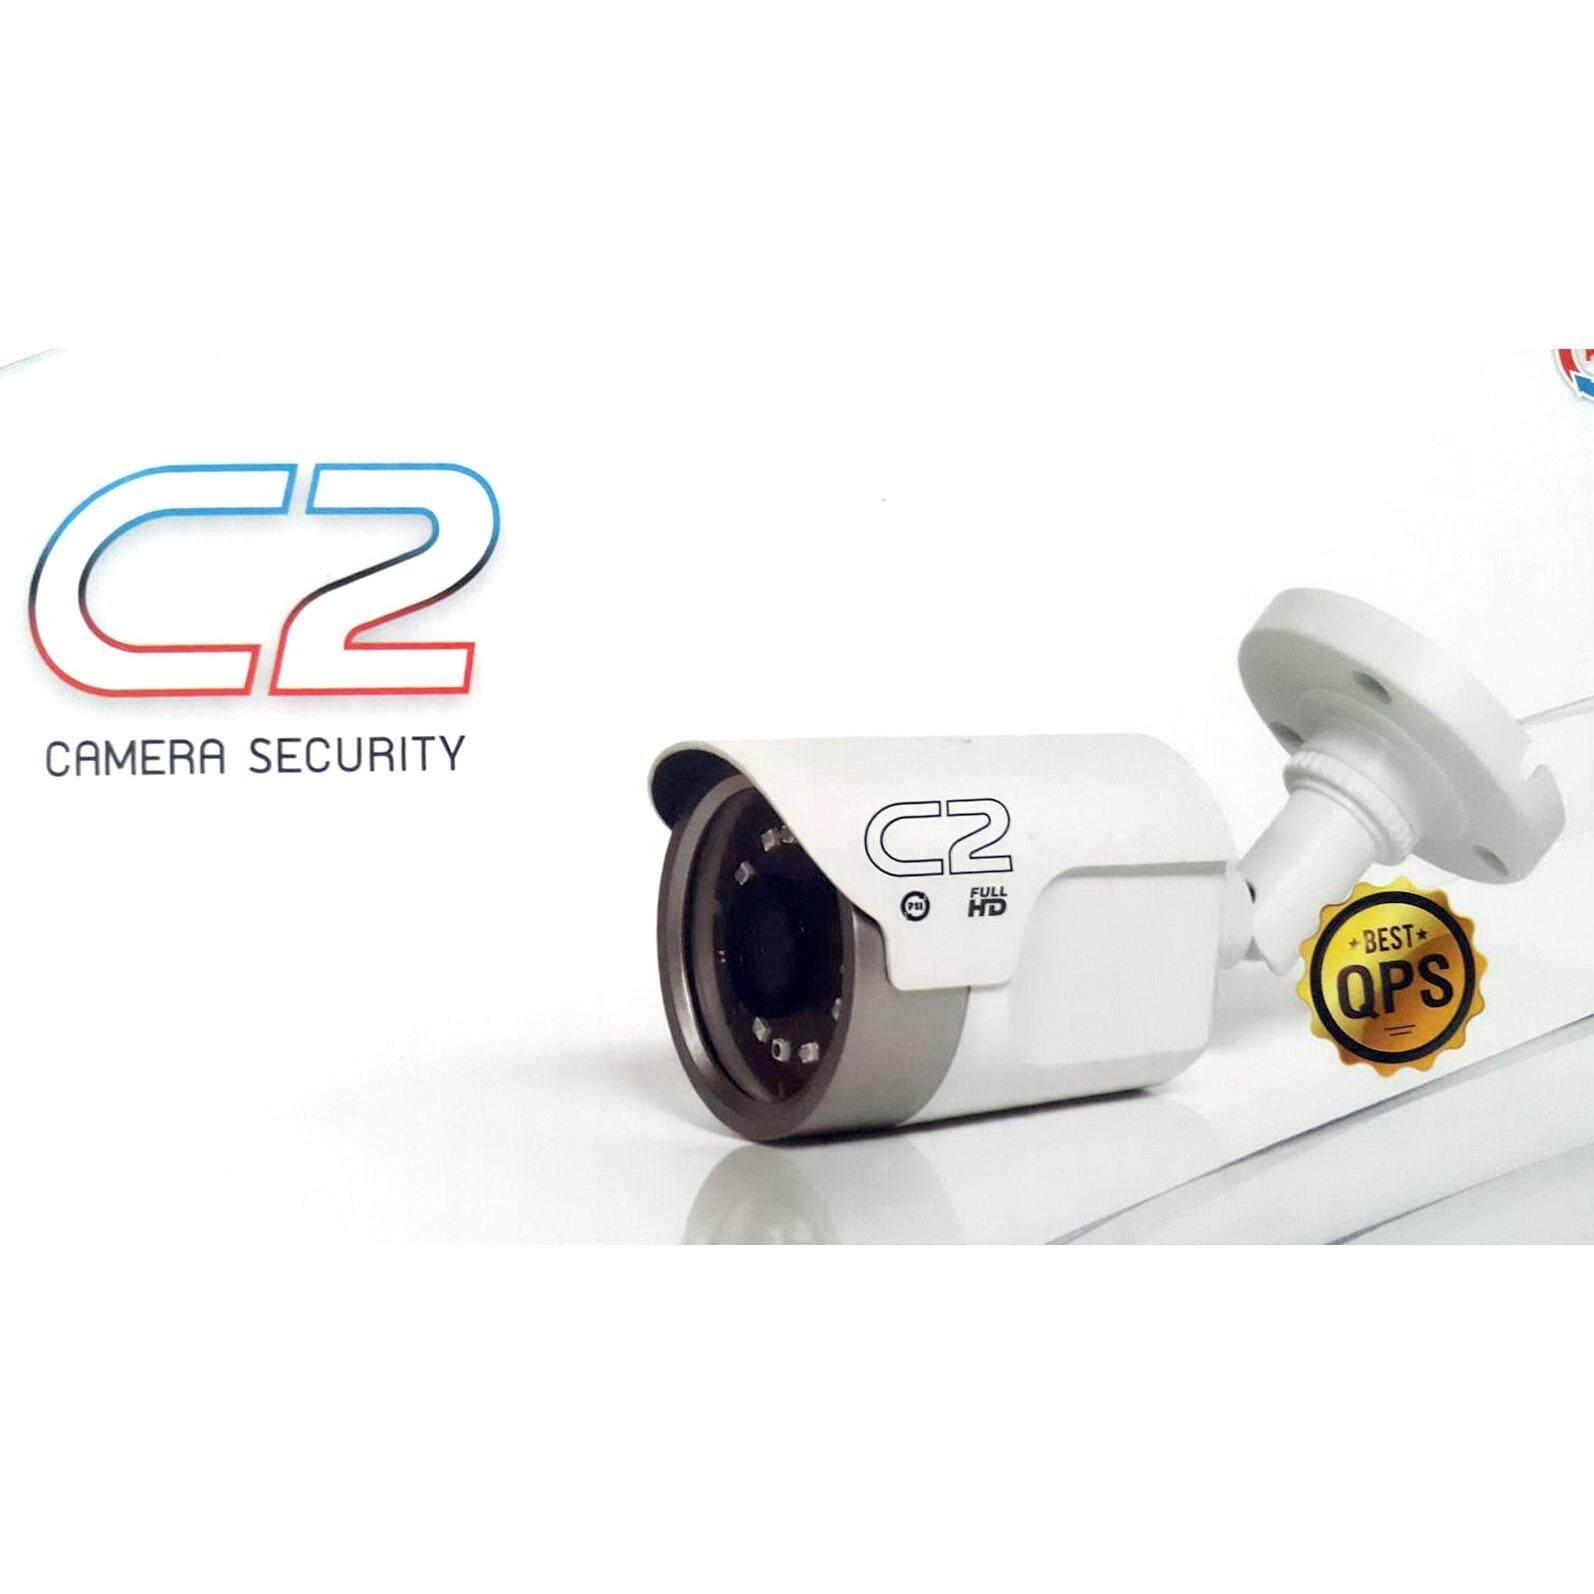 กล้องวงจรปิดPSI OCS รุ่น C2  รุ่นใหม่ล่าสุด คมชัด 2 MP(1080P)